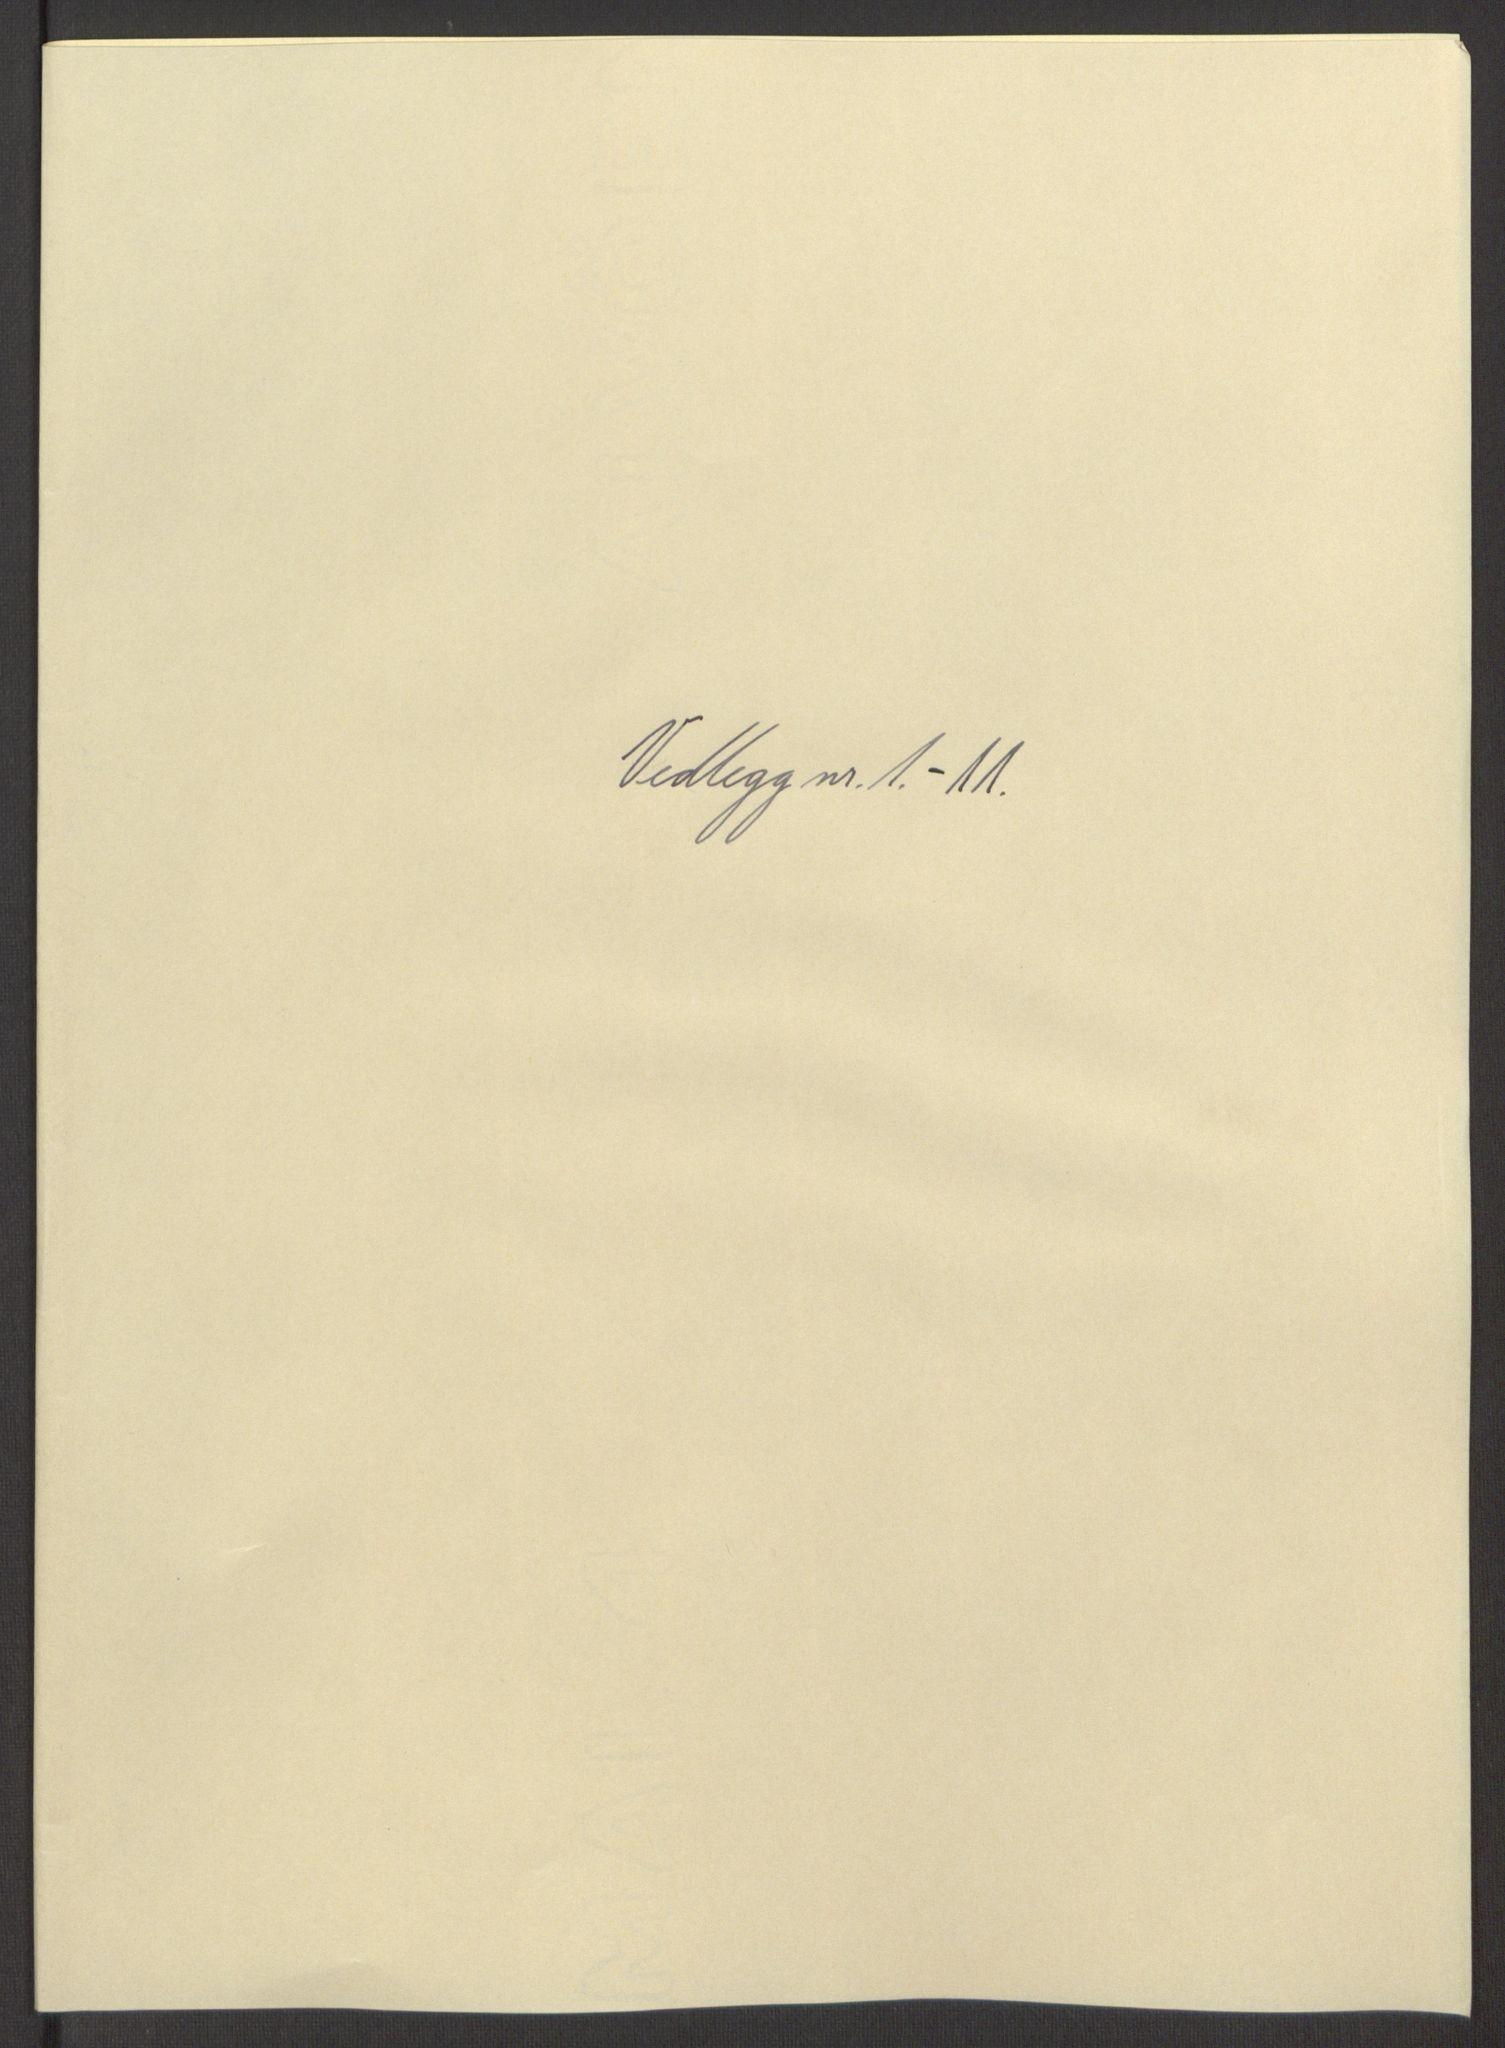 RA, Rentekammeret inntil 1814, Reviderte regnskaper, Fogderegnskap, R60/L3945: Fogderegnskap Orkdal og Gauldal, 1695, s. 215